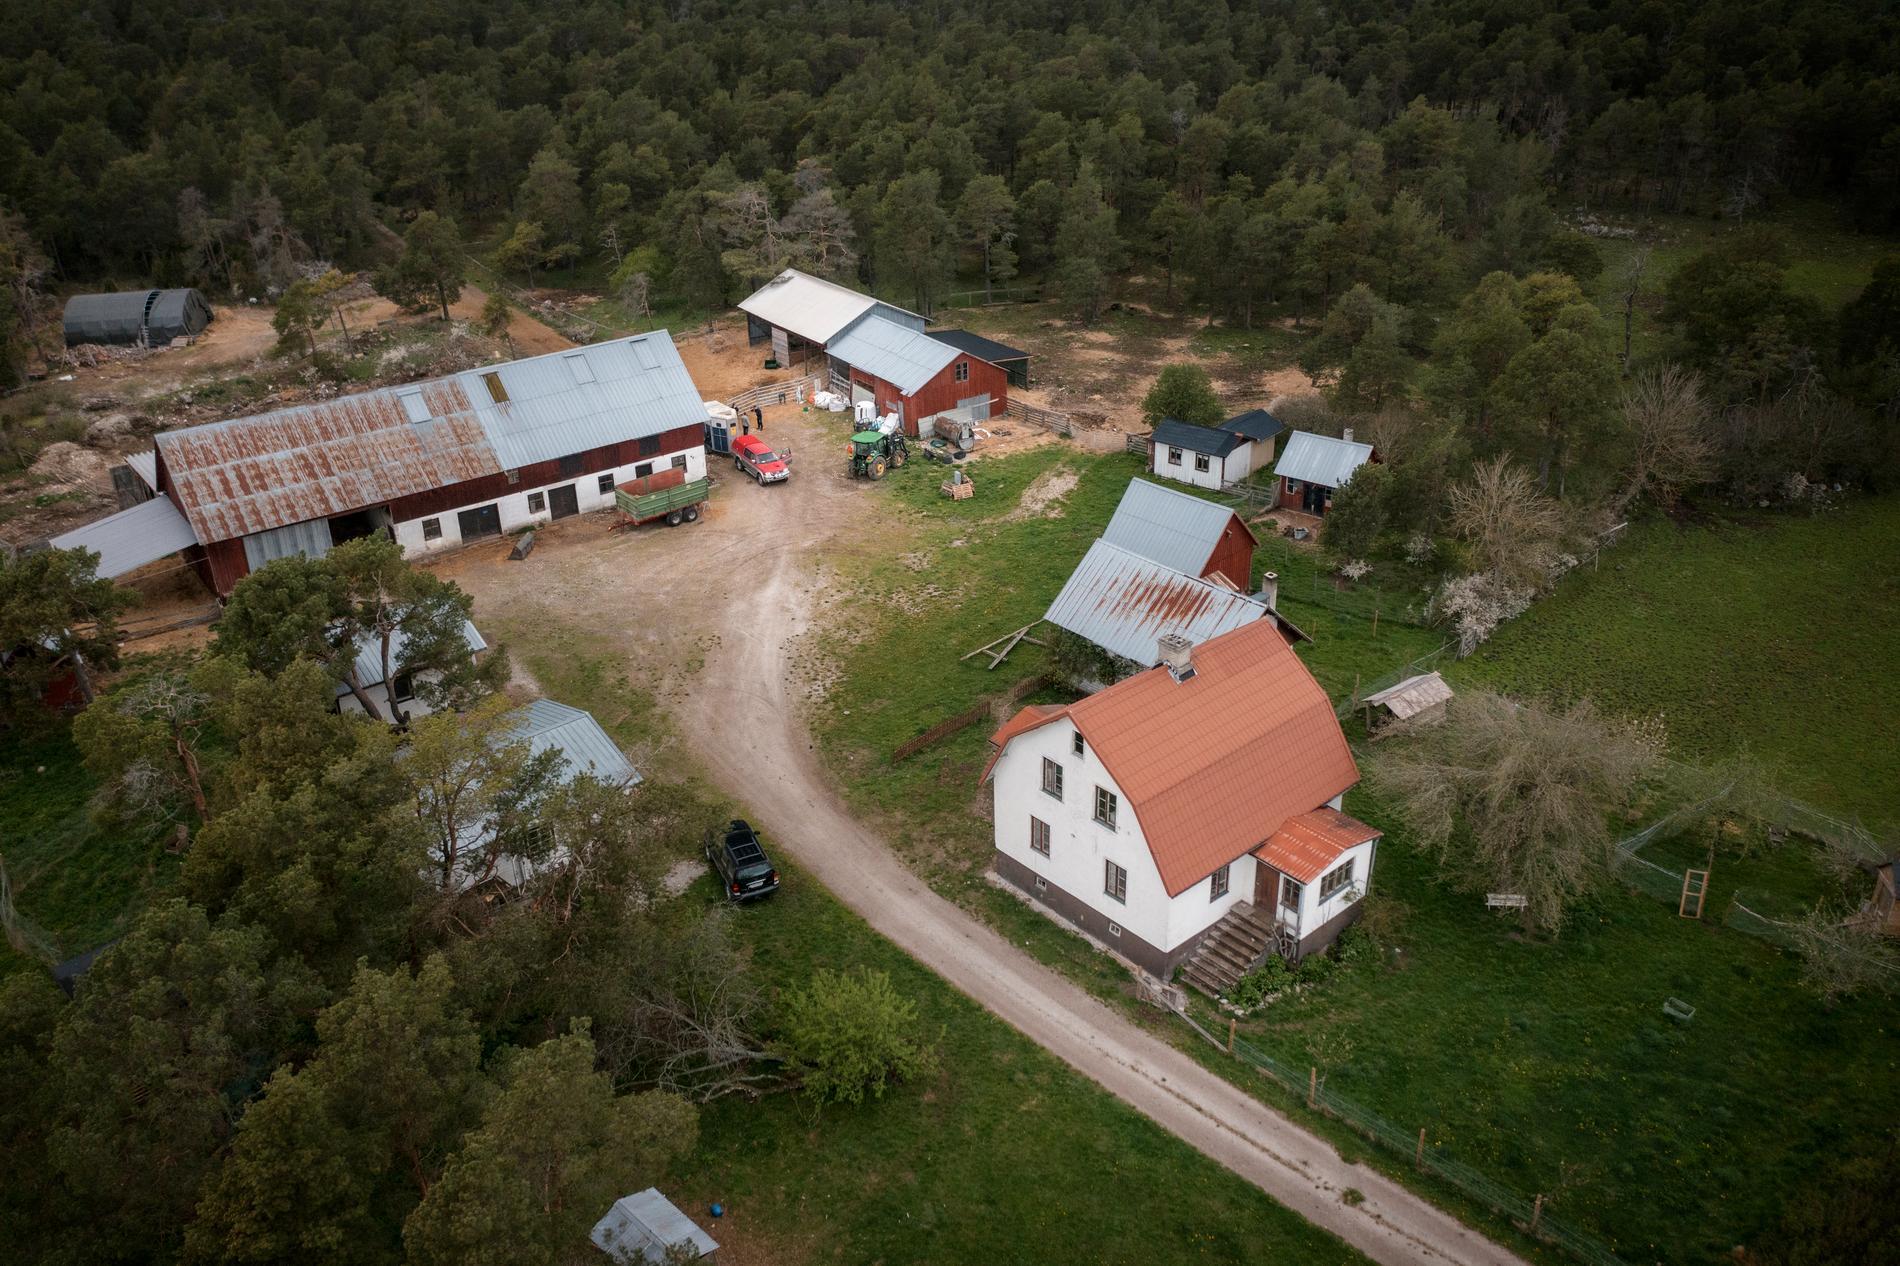 Den stora gården på Gotland skulle bli paradiset för gamla och dumpade lantbruksdjur. I dag är den helt tyst och öde.